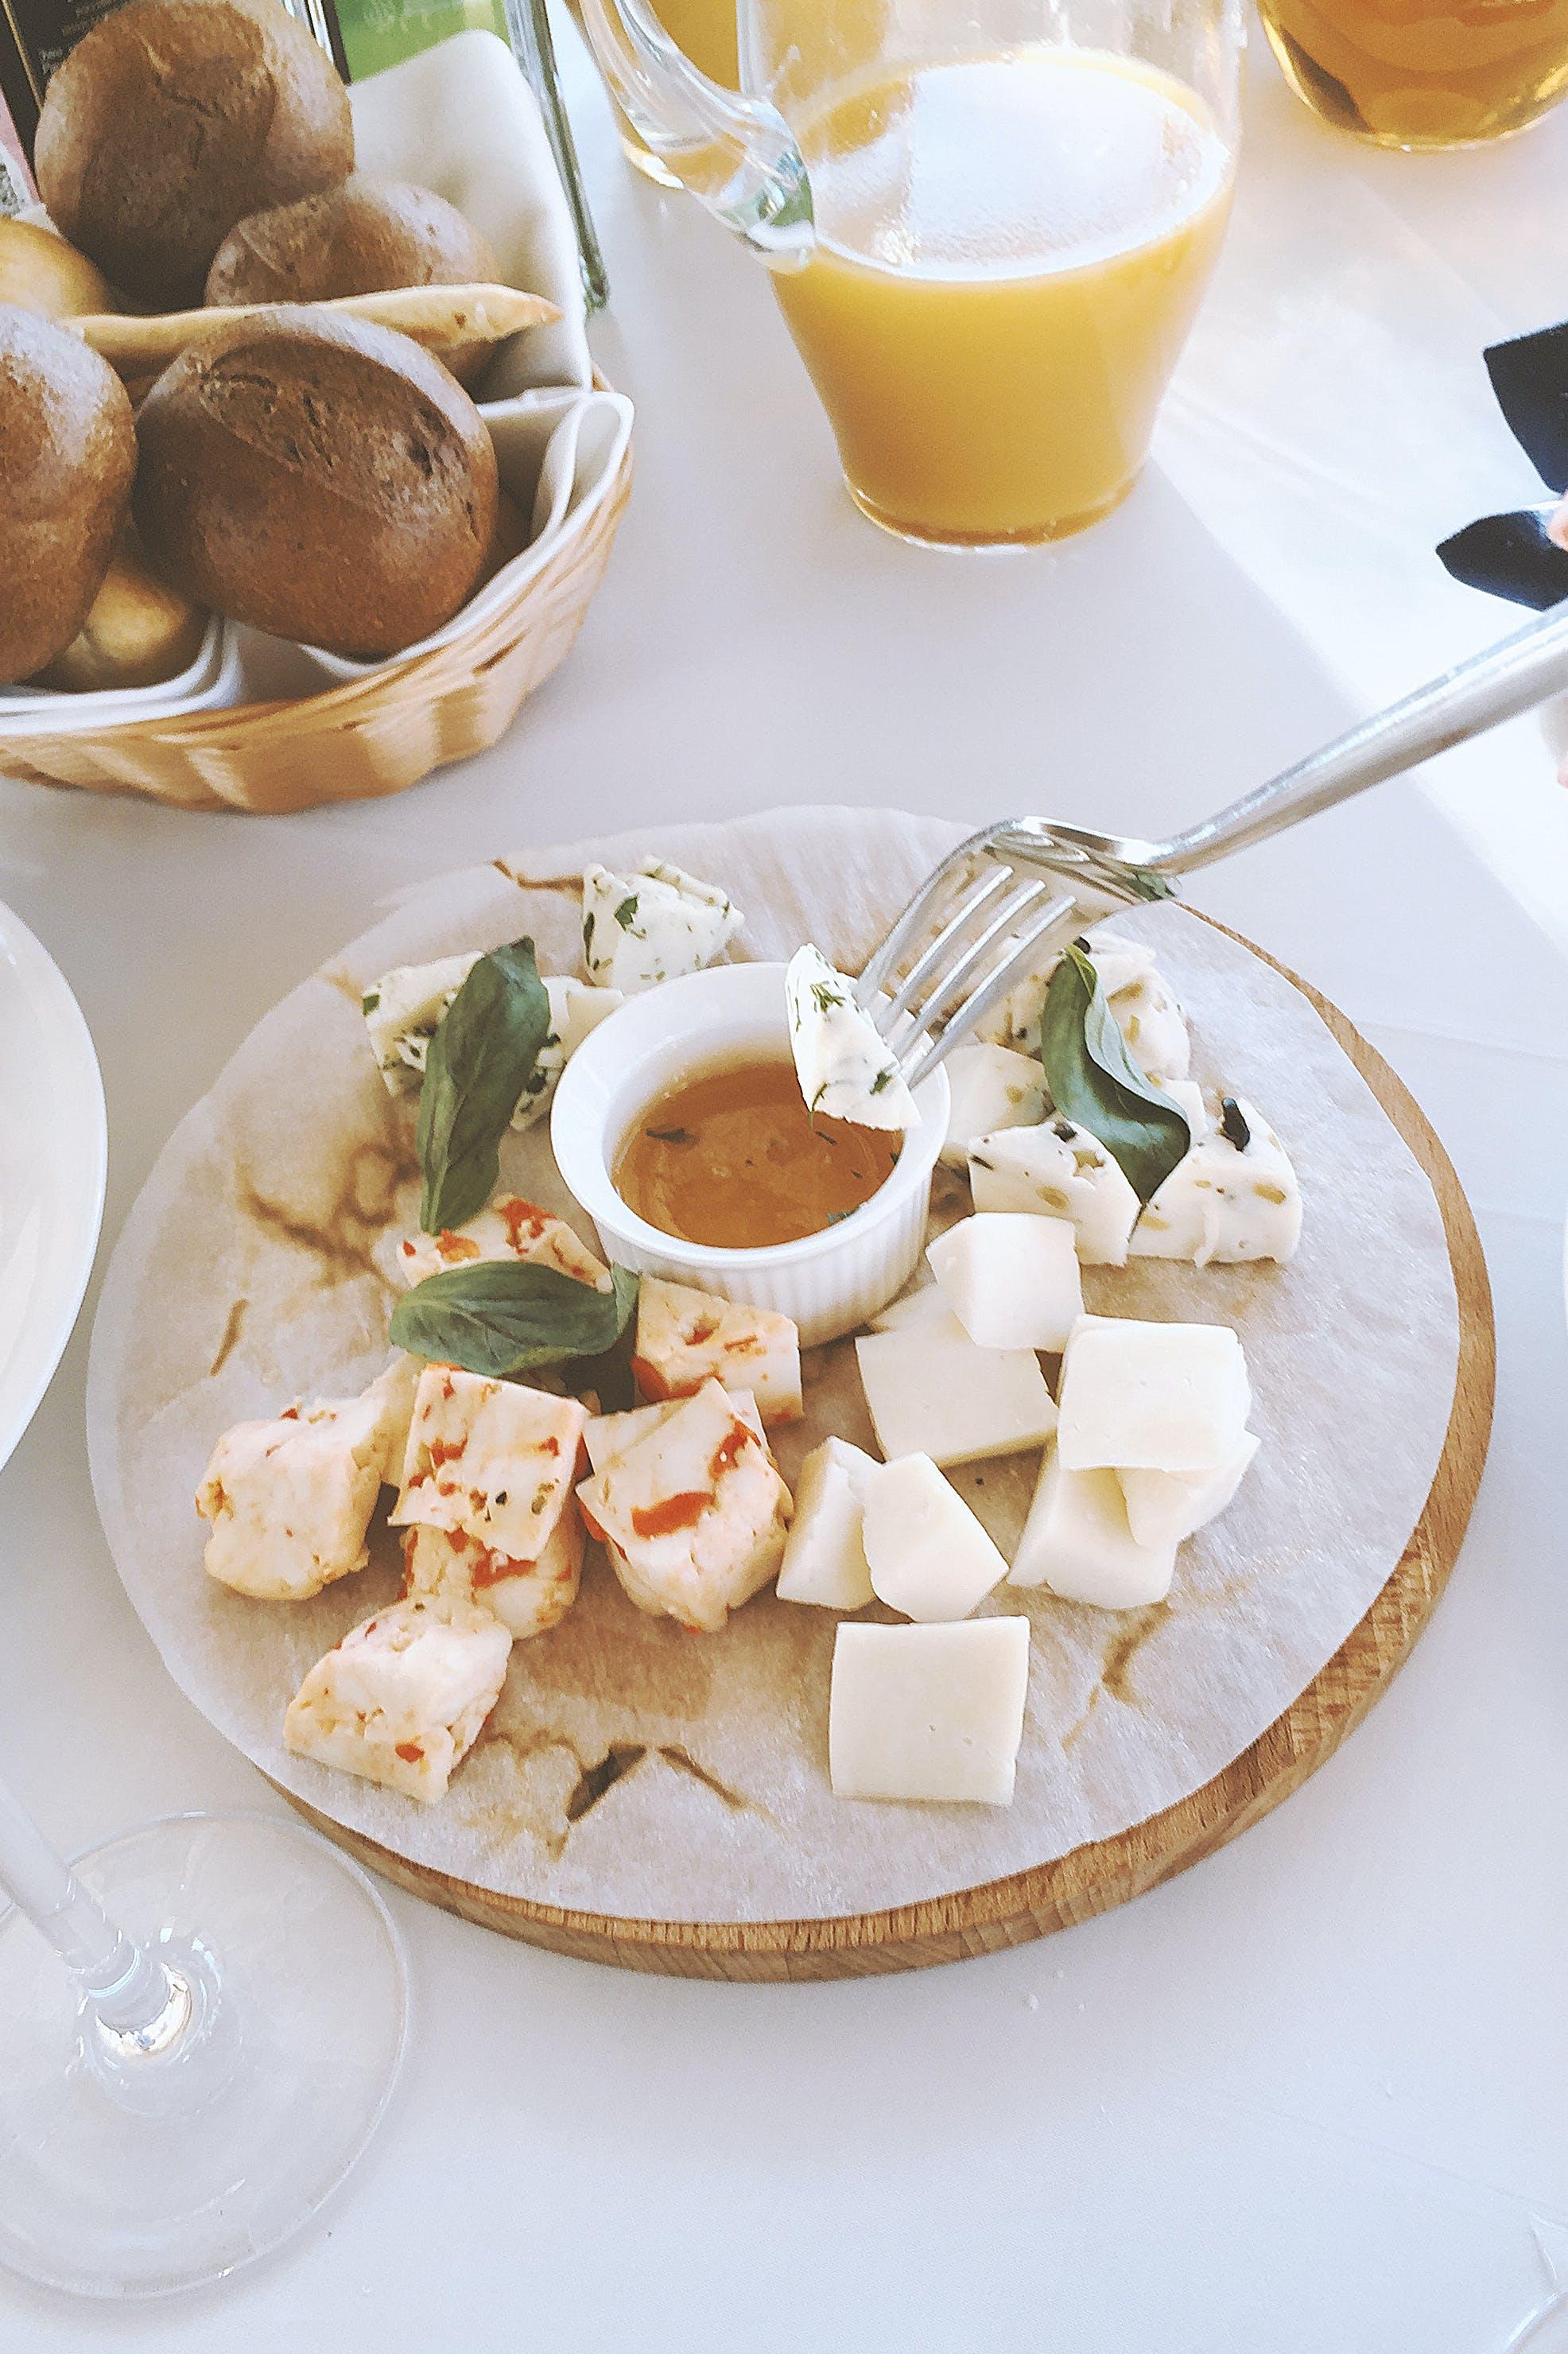 Plate of Prepared Food